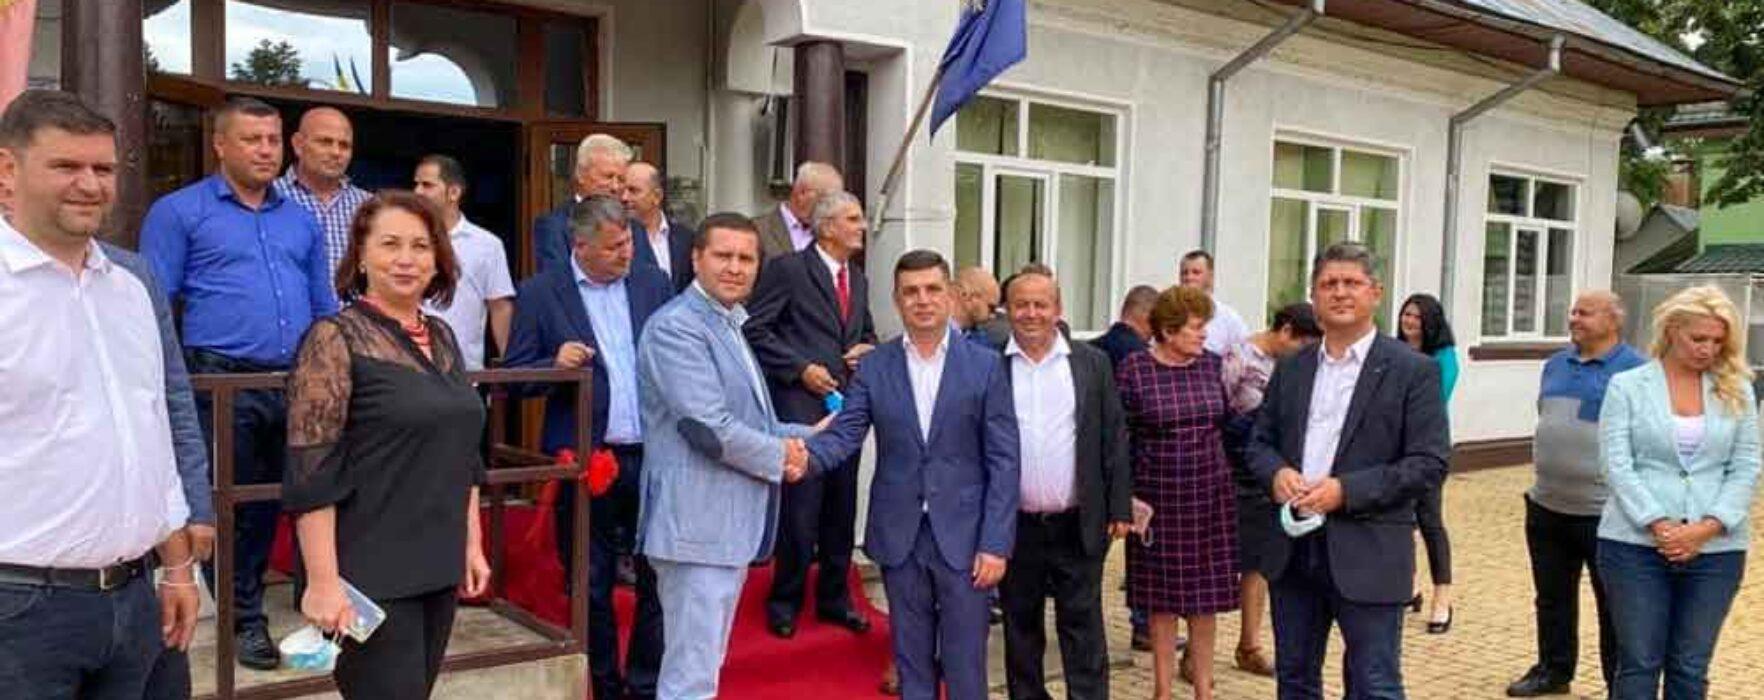 Corneliu Ştefan, PSD: Am încredere în Ionuţ Bănică şi echipa lui de la Corbii Mari